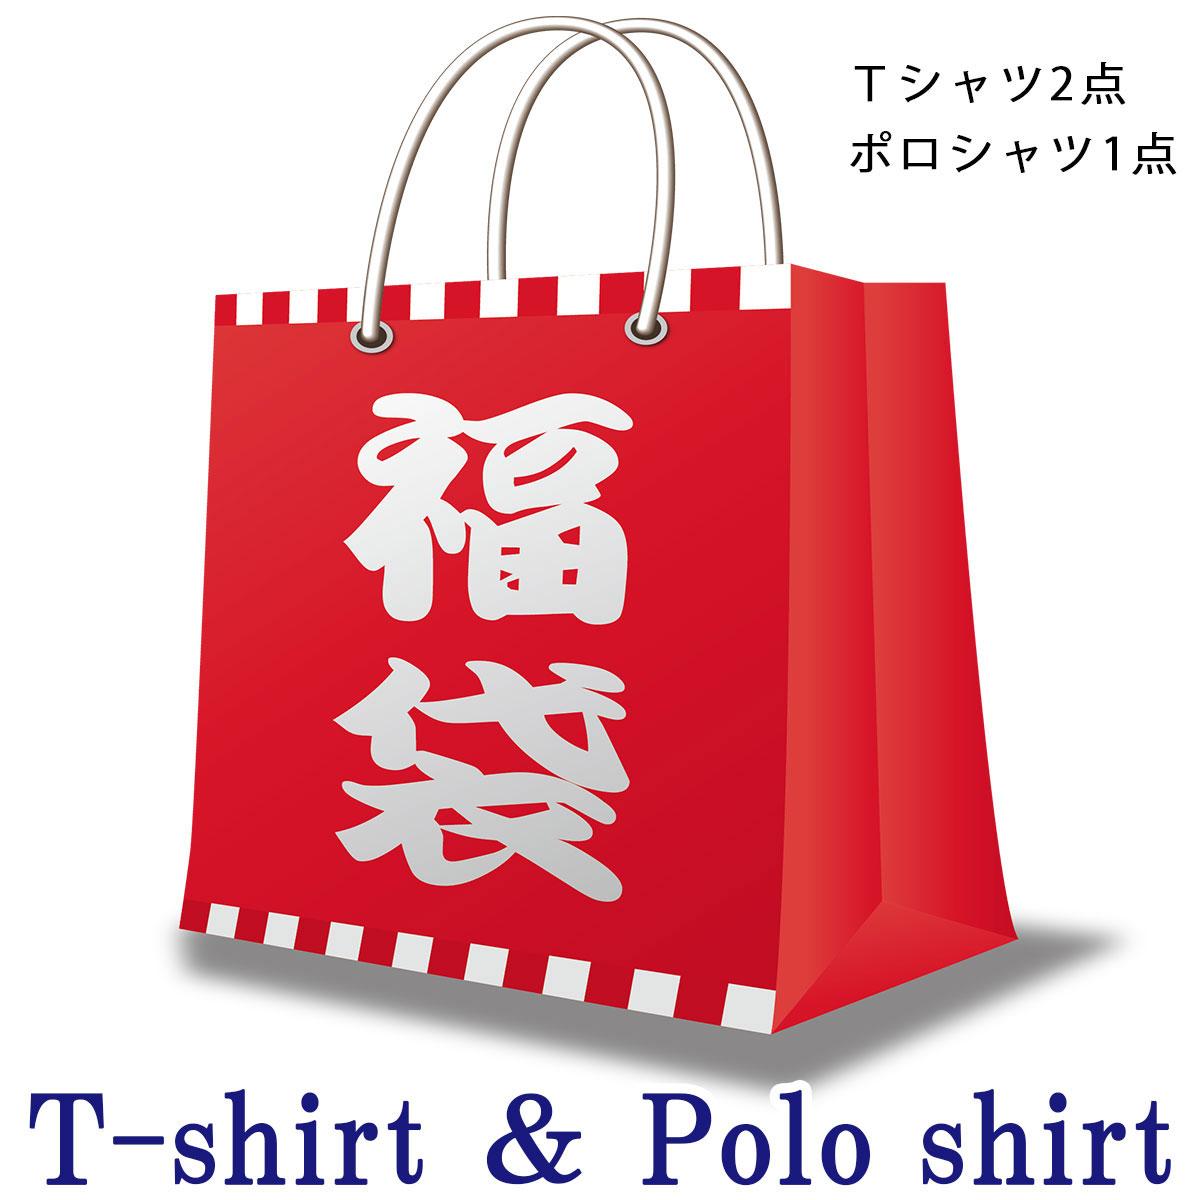 福袋 アバクロ メンズ Tシャツ・ポロシャツ アバクロなどのアメカジブランド中心の福袋です B1C C0D C1D D1E D3E